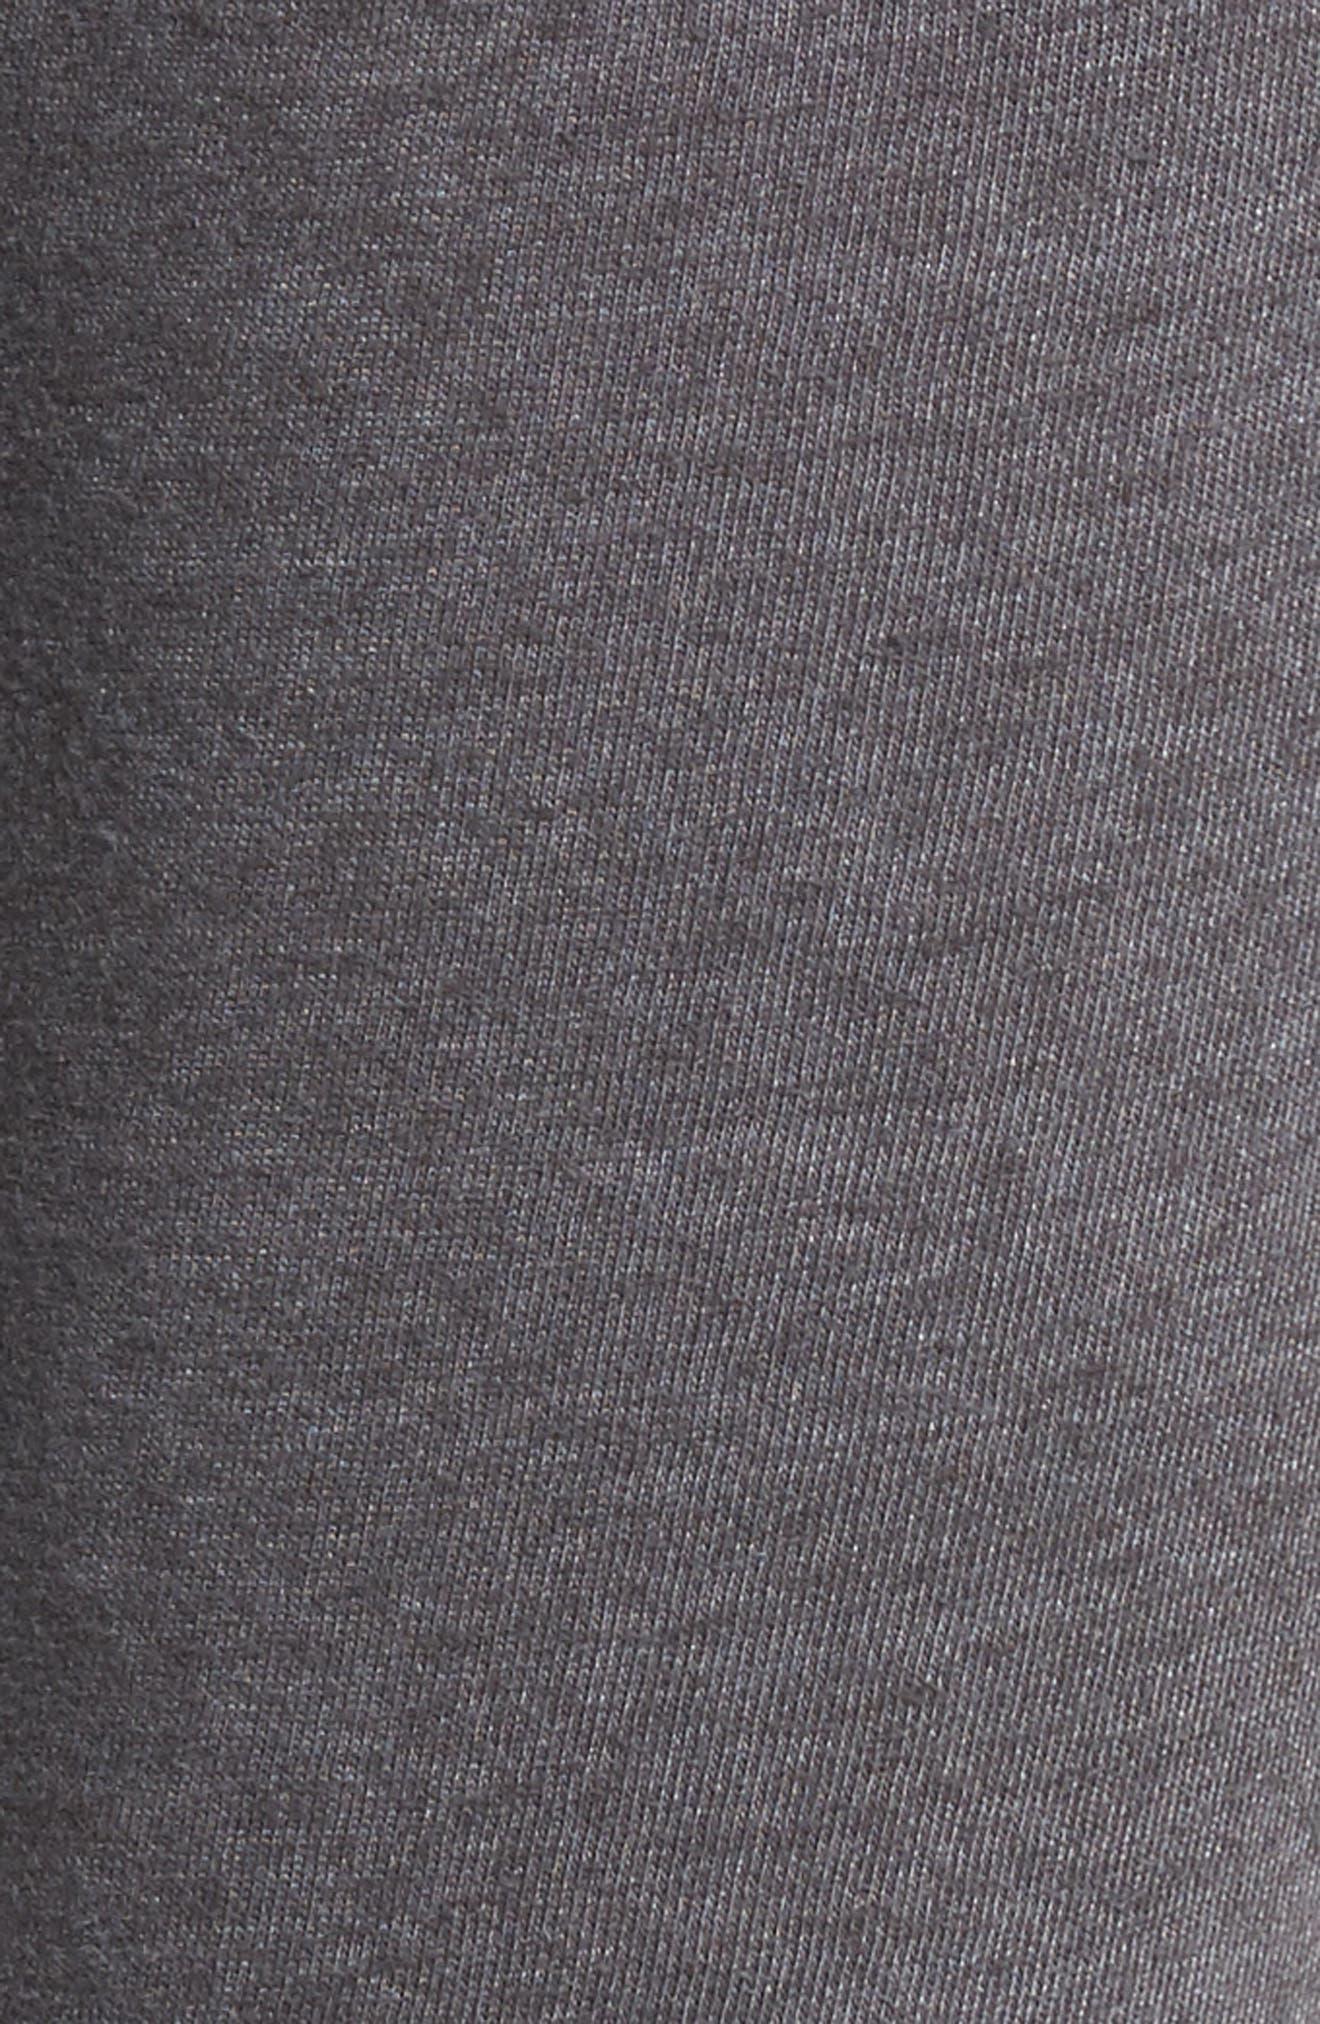 Lounge Pants,                             Alternate thumbnail 5, color,                             Jet Black